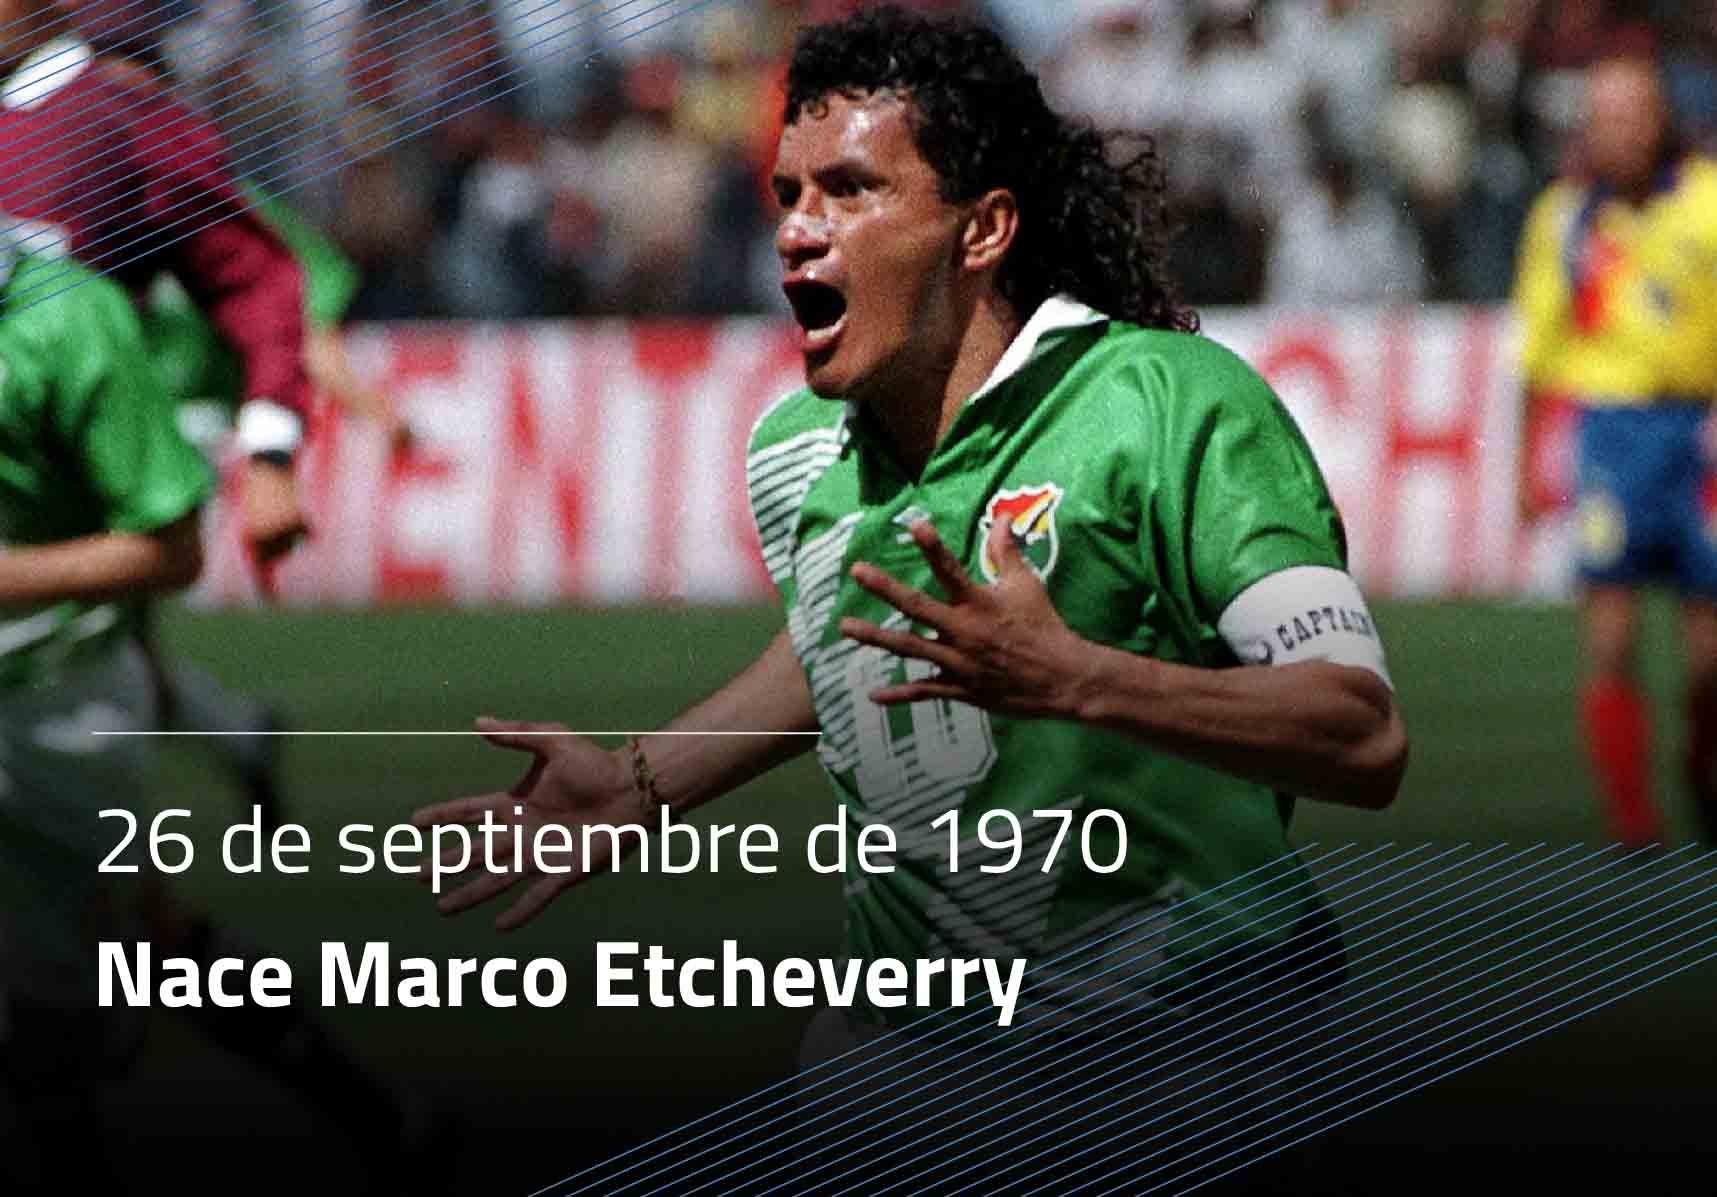 Nace Marcos Antonio Etcheverry